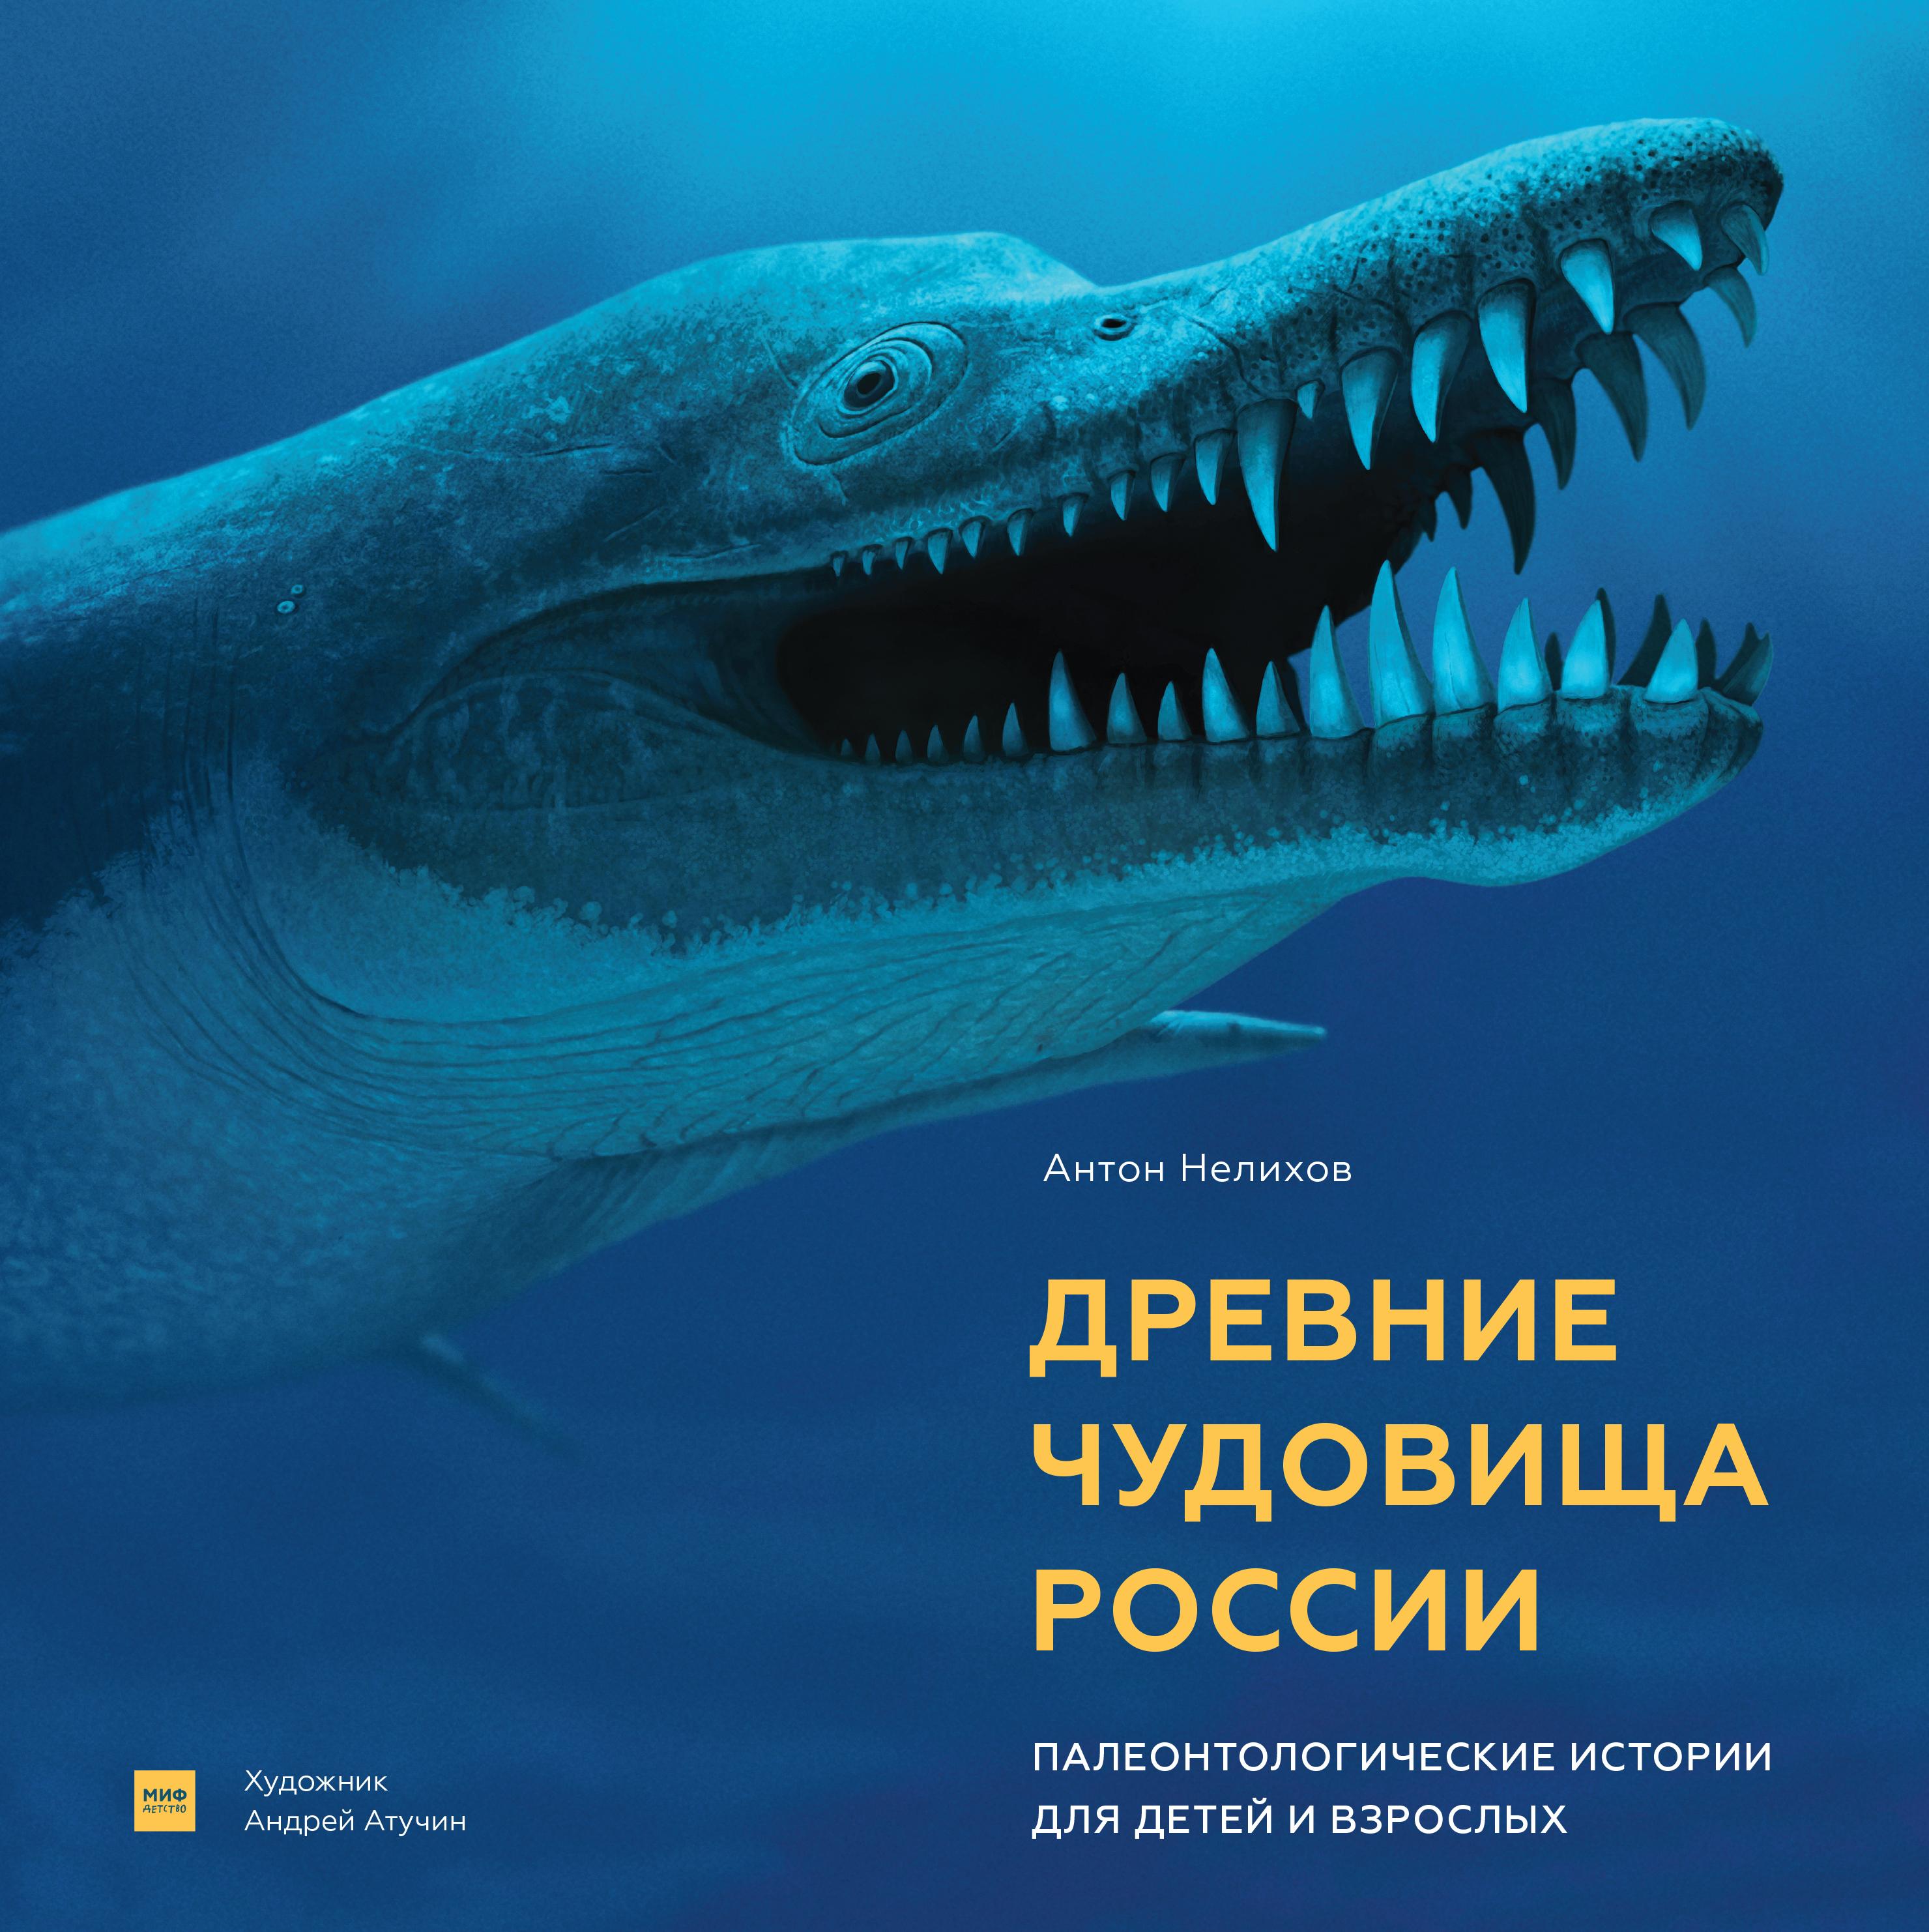 Древние чудовища России. Палеонтологические истории для детей и взрослых ( Антон Нелихов, Андрей Атучин  )